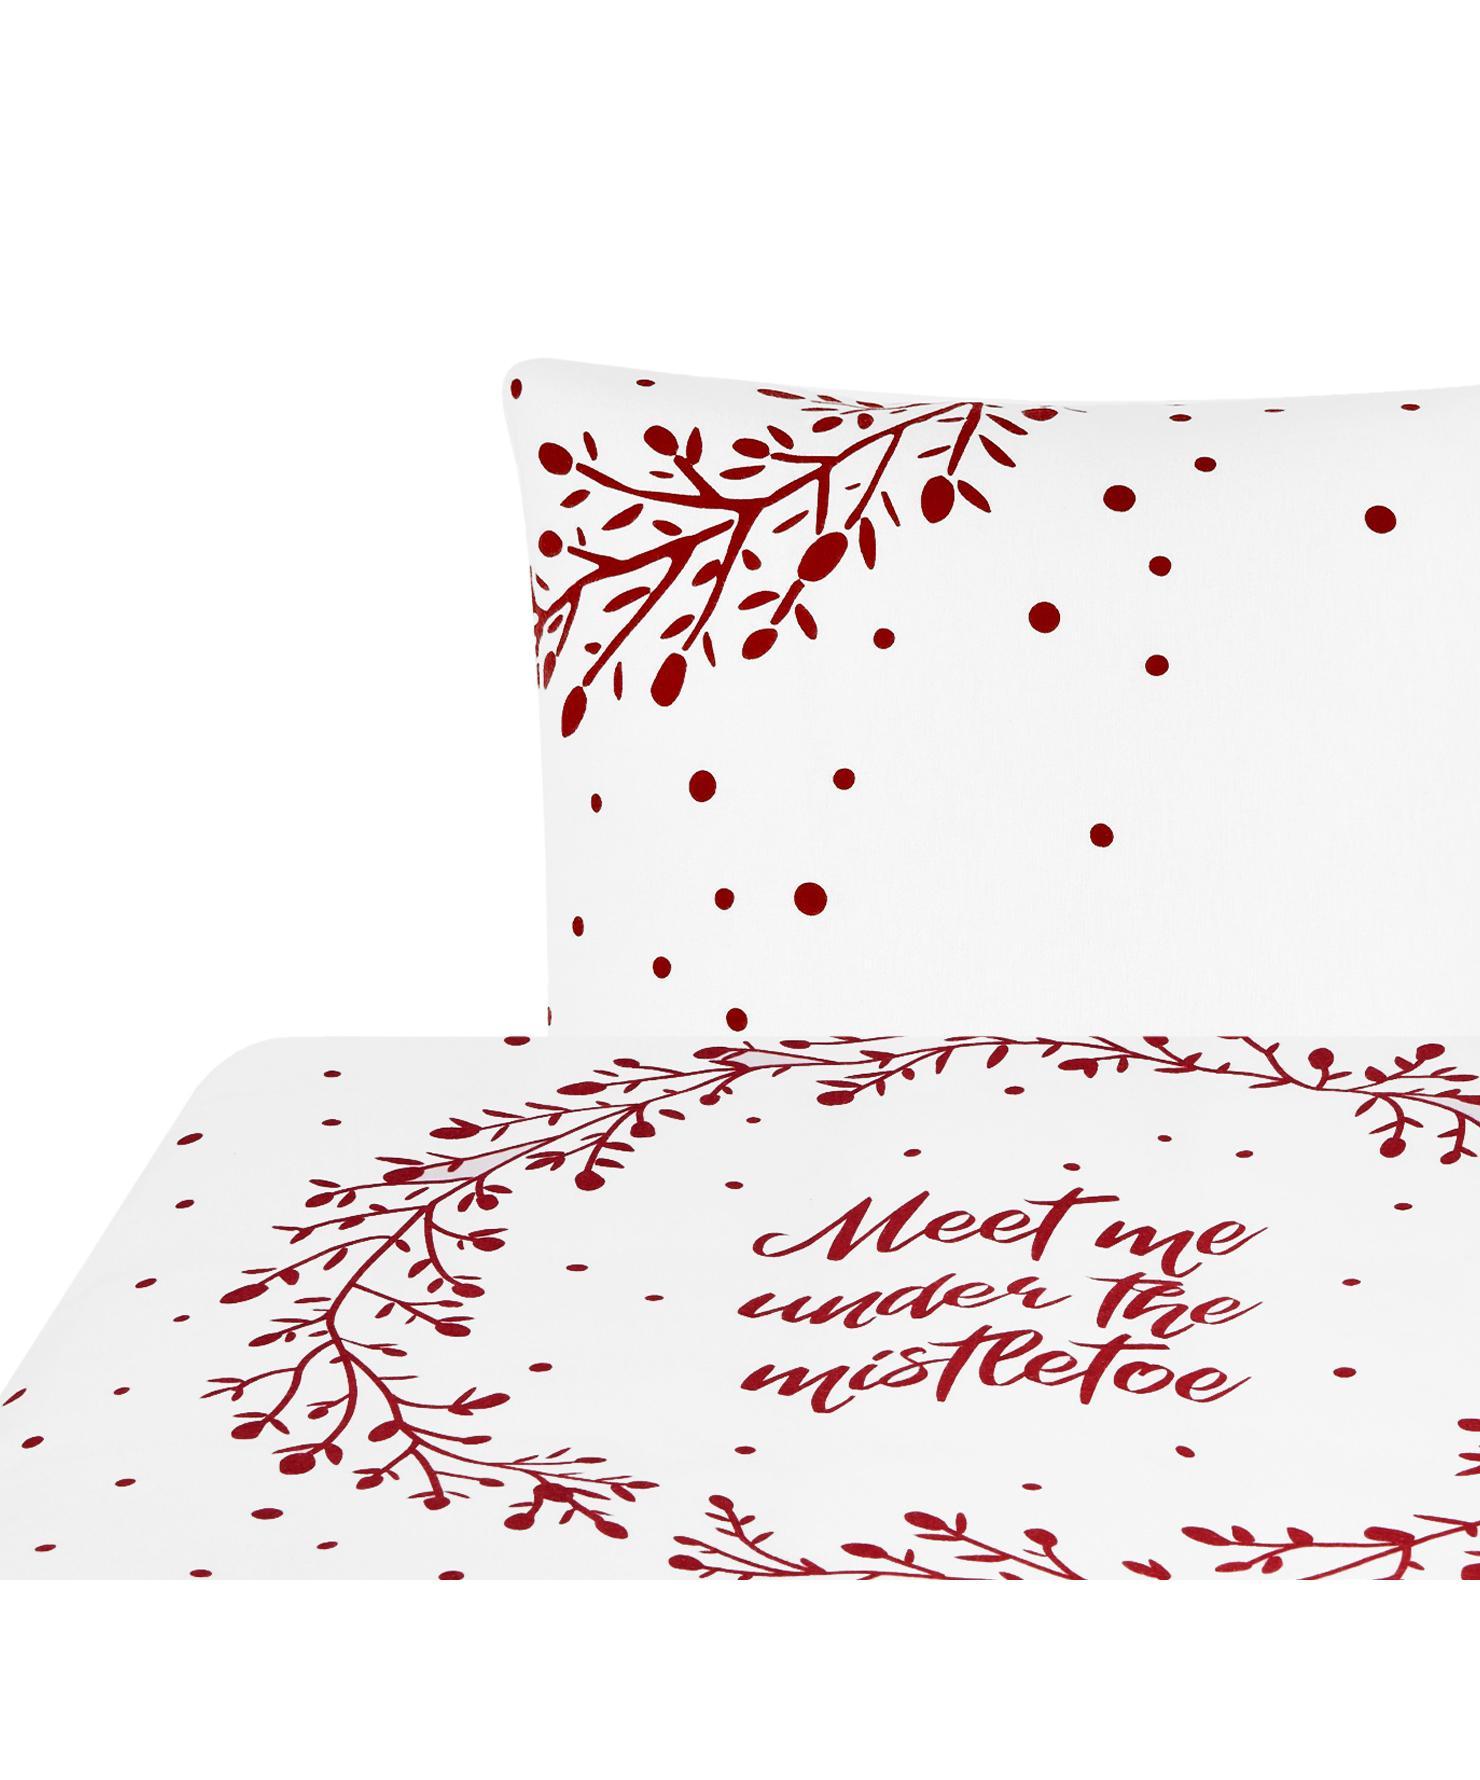 Flanell-Bettwäsche Mistletoe in Weiß/Rot, Webart: Flanell Flanell ist ein s, Weiß, Rot, 135 x 200 cm + 1 Kissen 80 x 80 cm